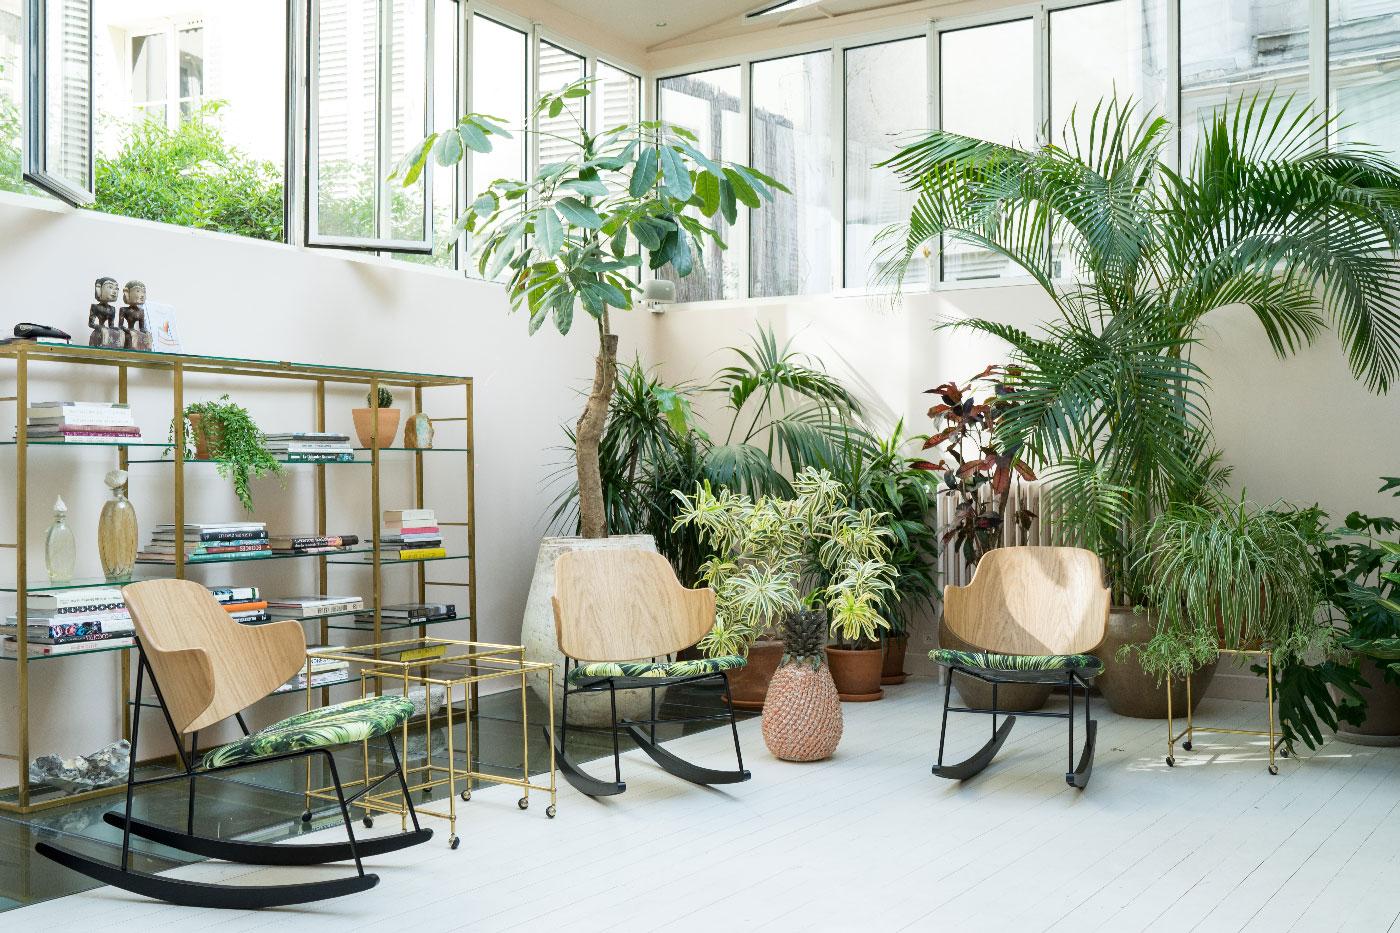 le retour du rocking chair id es d co meubles et int rieurs design residences decoration. Black Bedroom Furniture Sets. Home Design Ideas